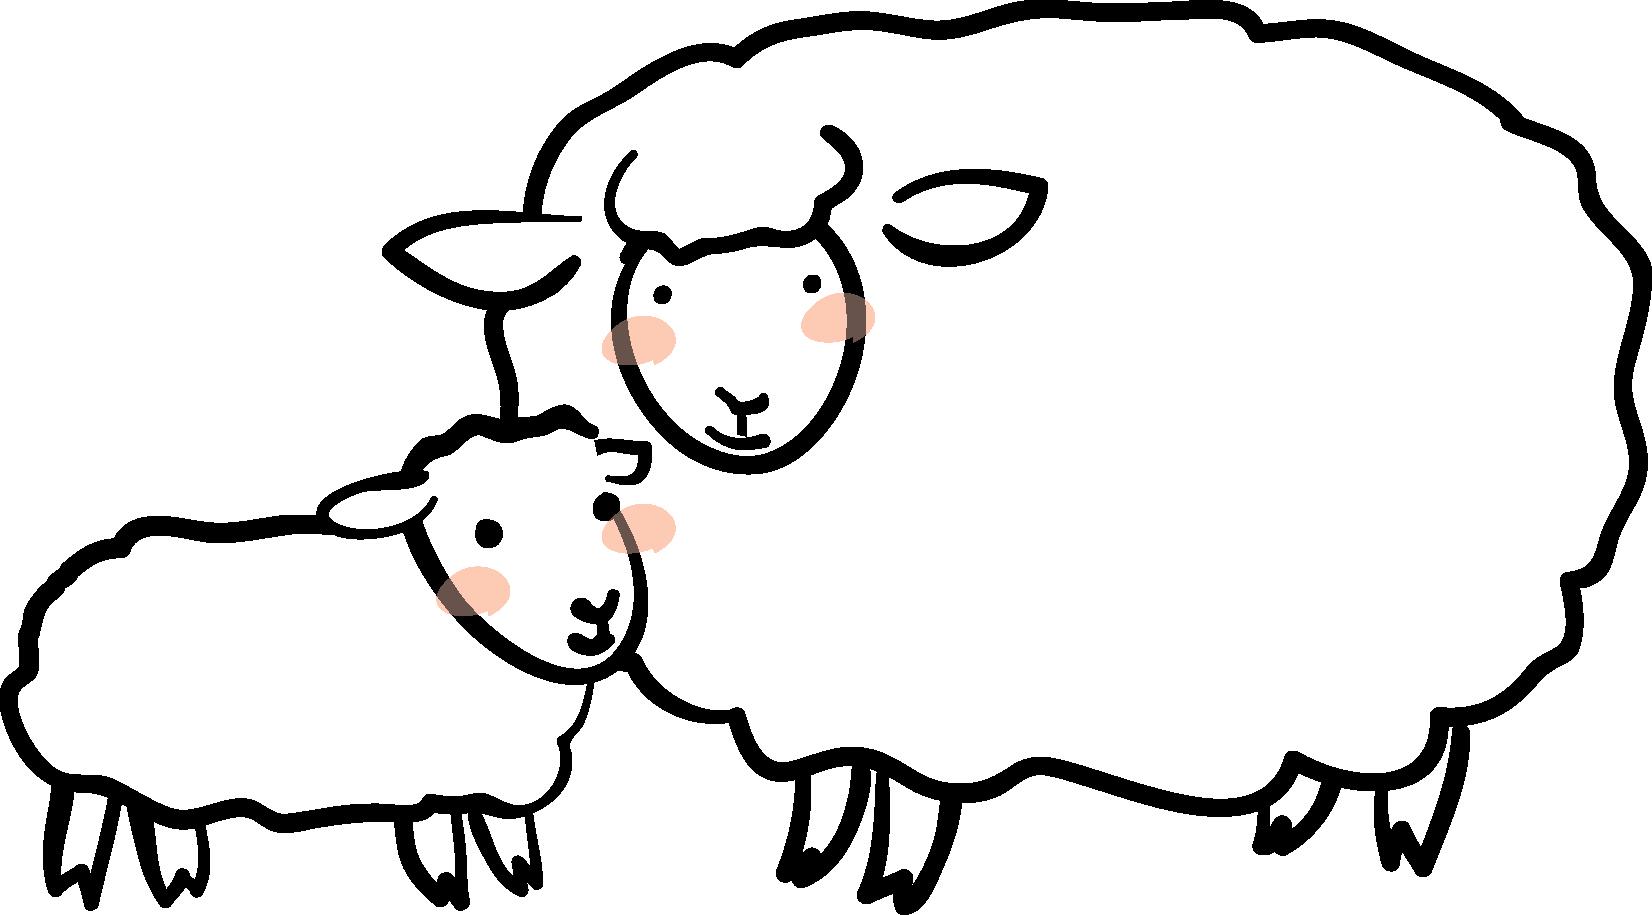 年賀素材館 年賀状イラスト素材 未 ひつじ 羊の親子2ダウンロード